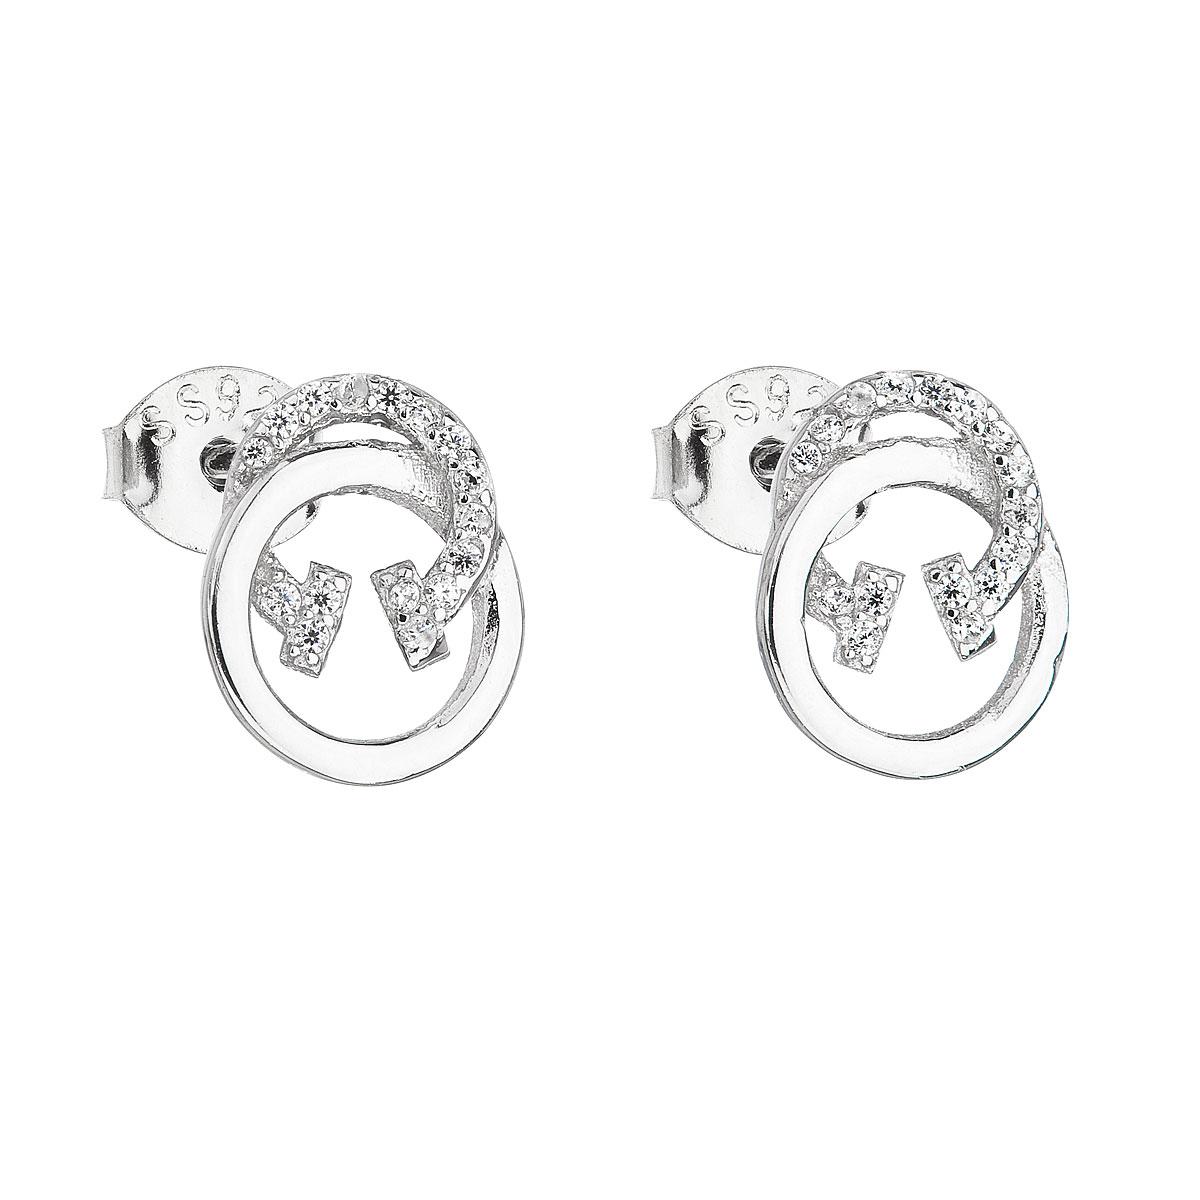 Strieborné náušnice perličky so zirkónom biely kruh 11162.1